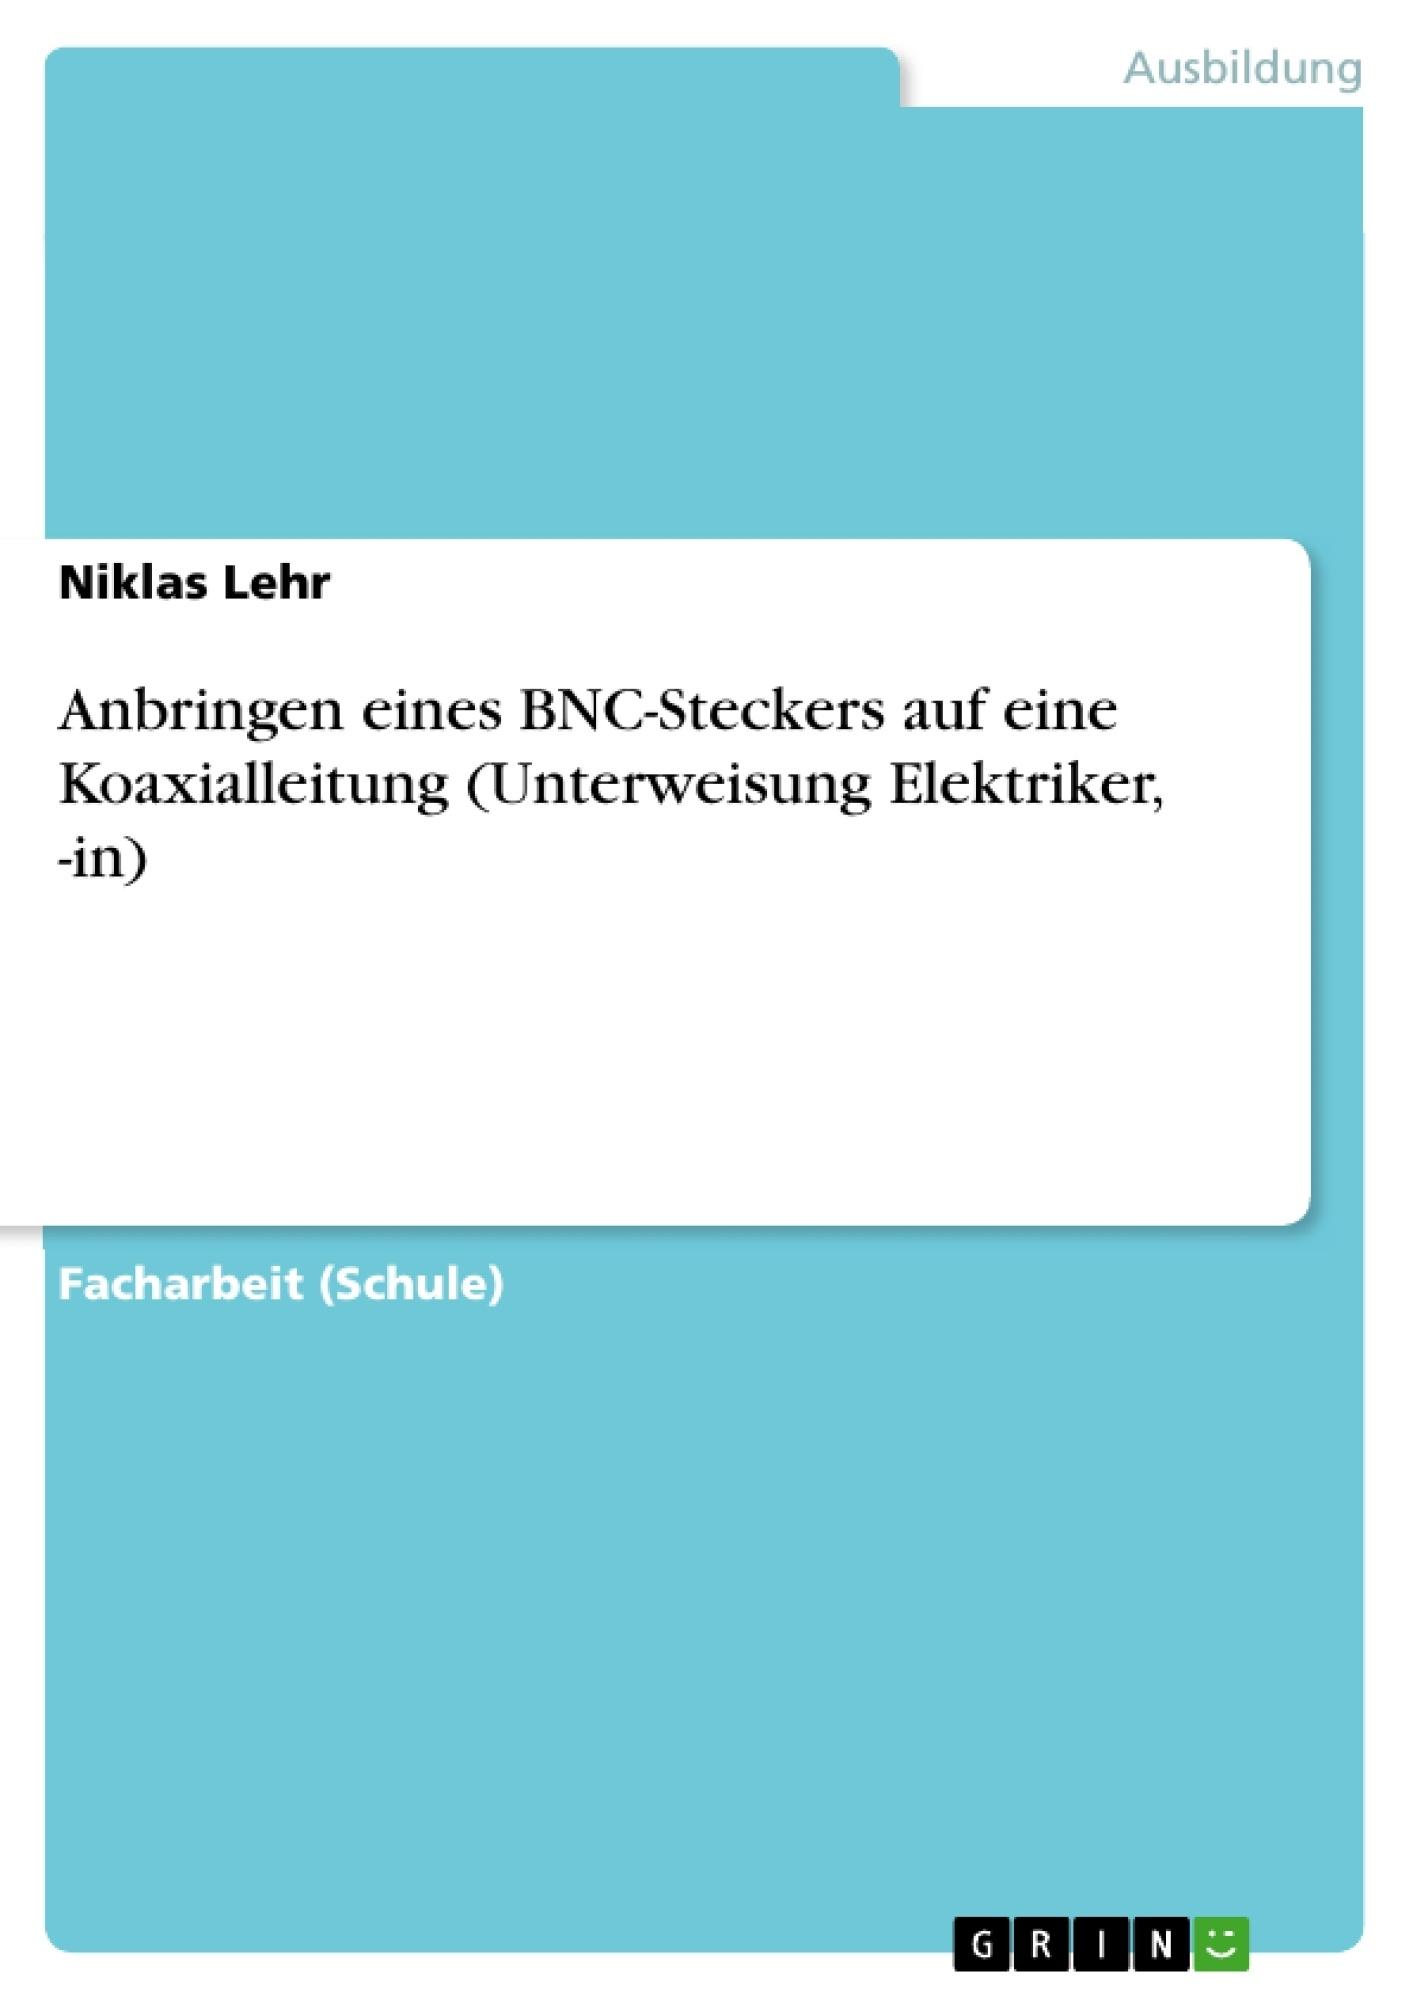 Titel: Anbringen eines BNC-Steckers auf eine Koaxialleitung (Unterweisung Elektriker, -in)